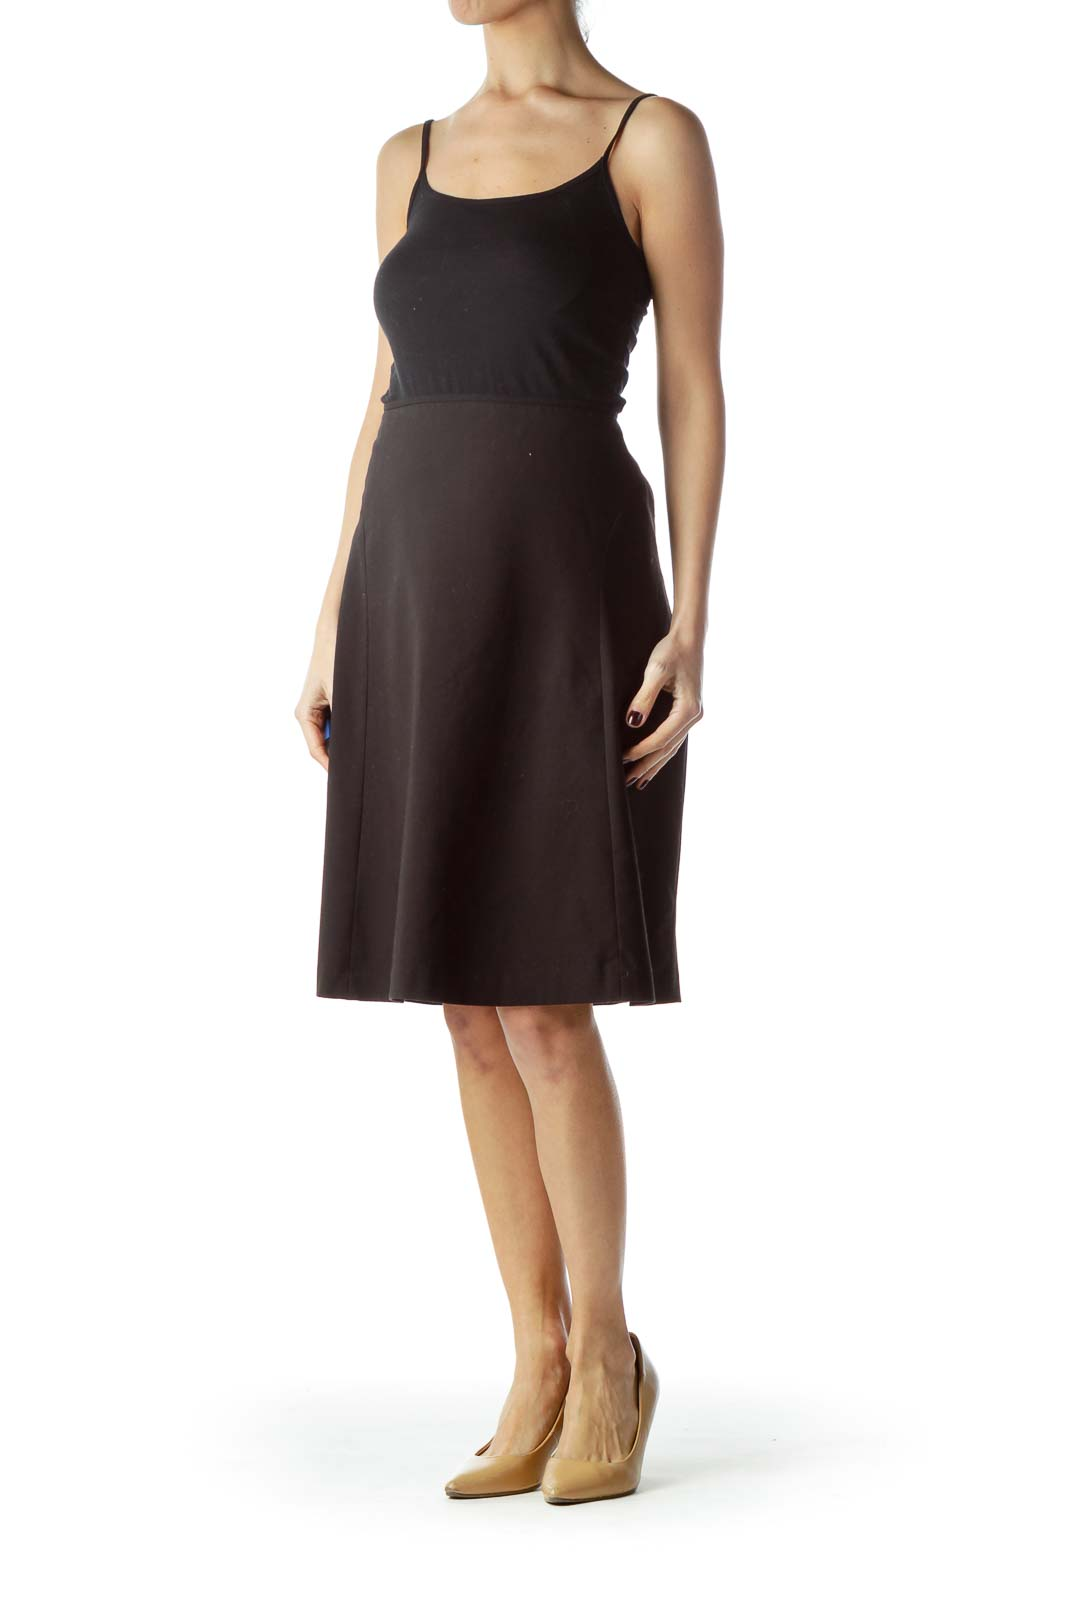 Black Zippered Flared Skirt with Slip